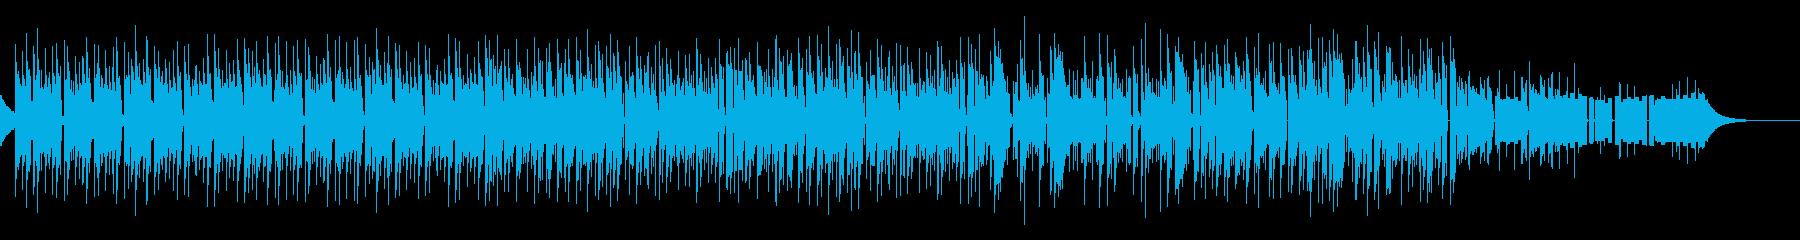 ★80年代レトロシューティングゲーム風の再生済みの波形